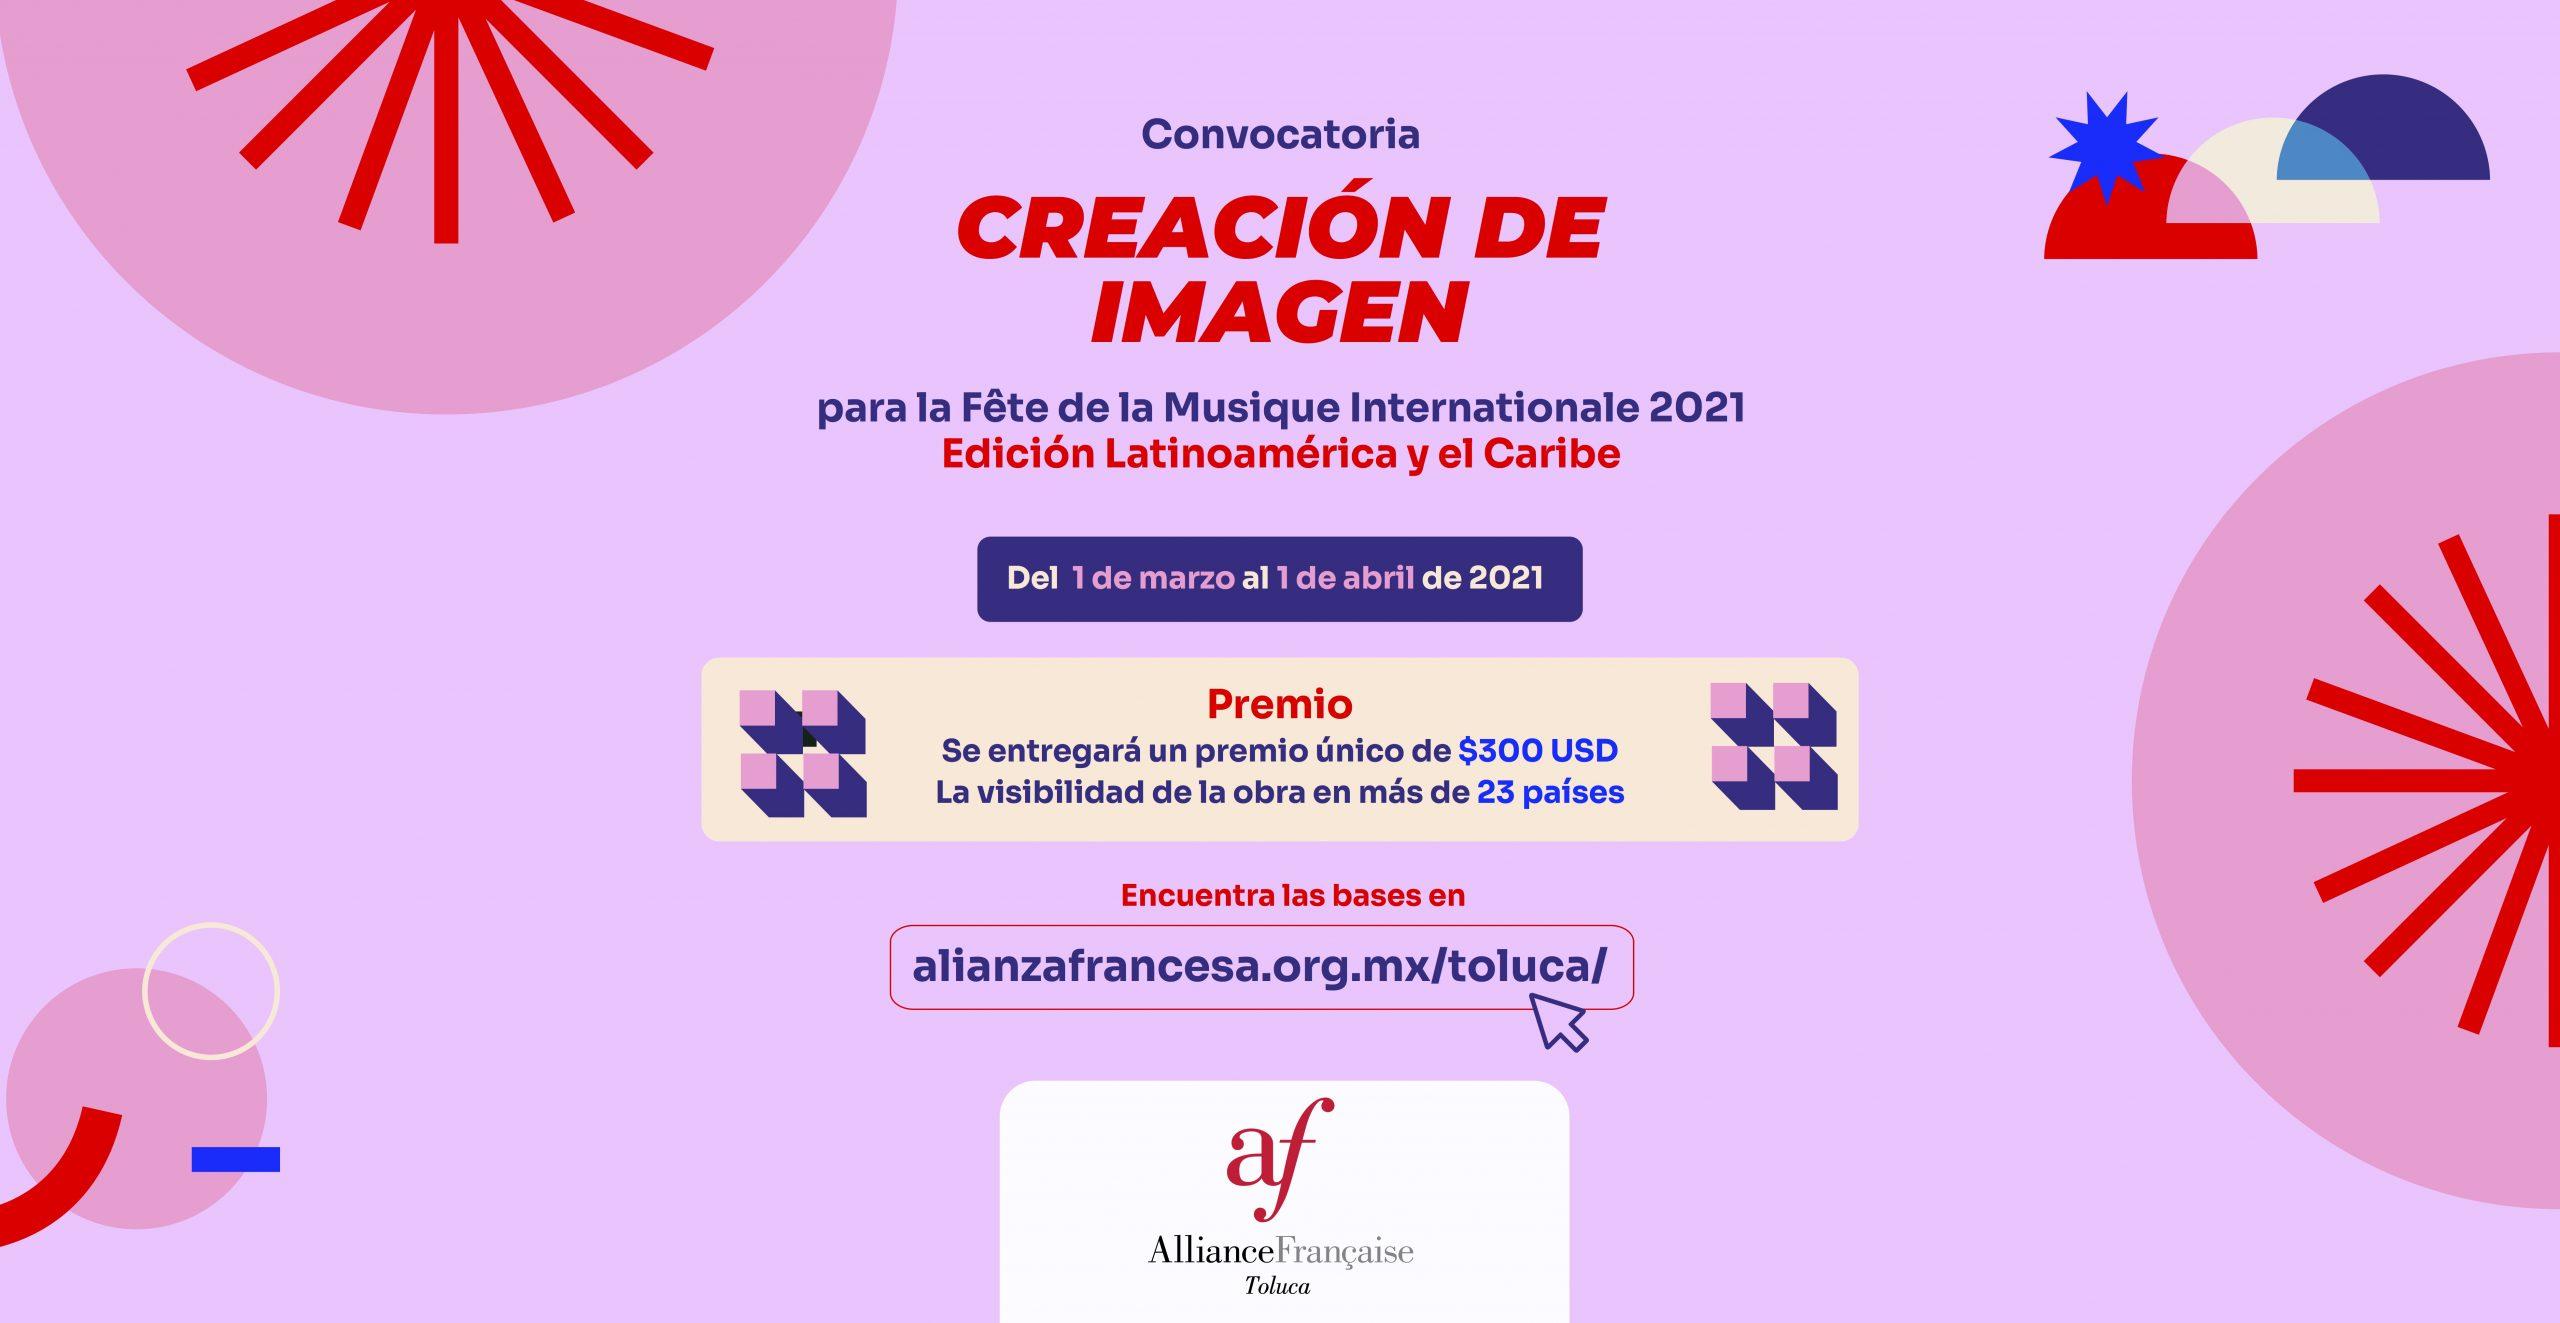 CONVOCATORIA  CREACIÓN DE IMAGEN